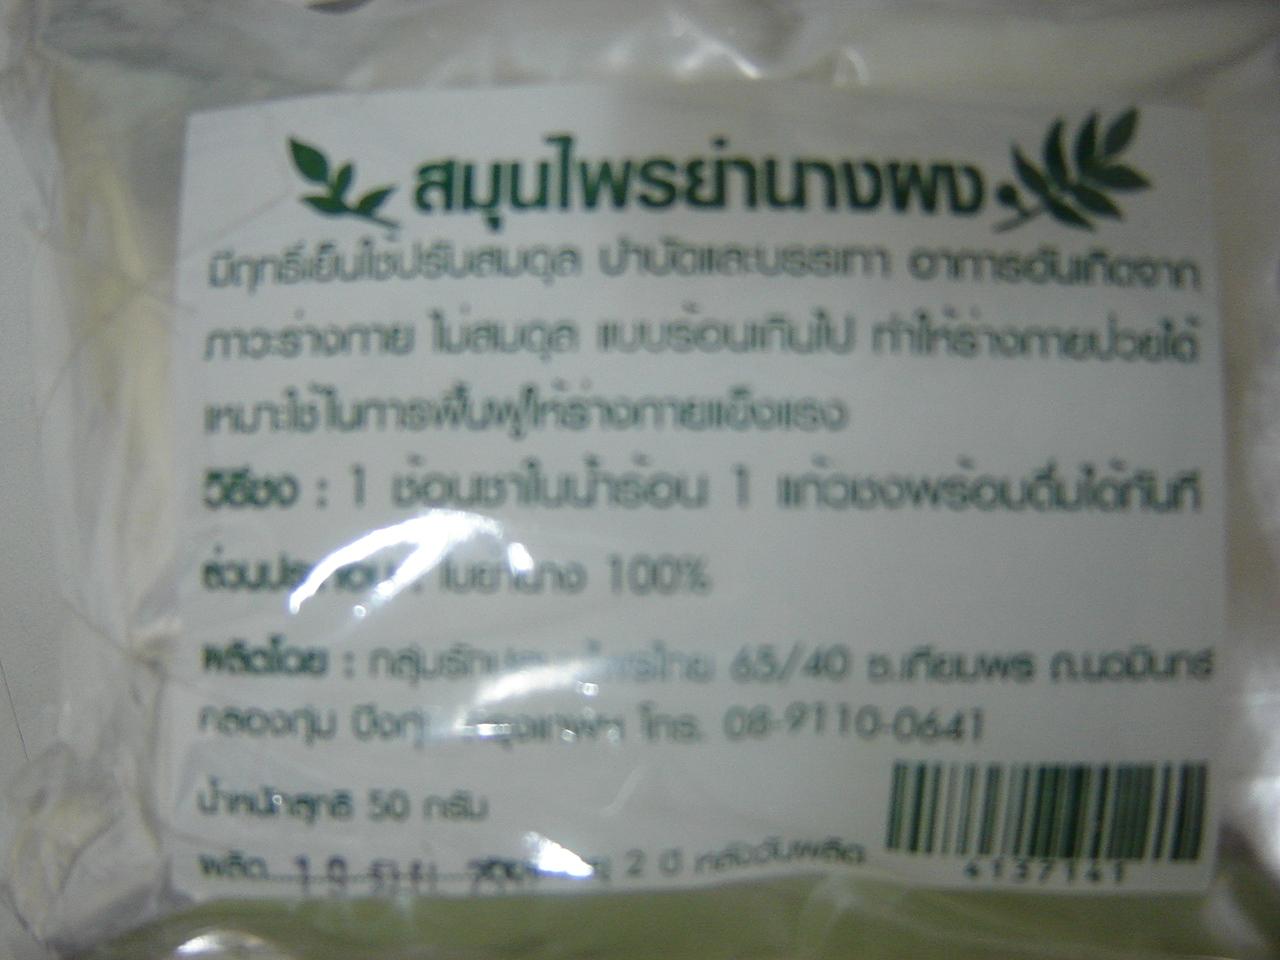 41-371-4100-0 ชาย่านางผง รักษ์สมุนไพร(50ก.) แพ็ค*6ห